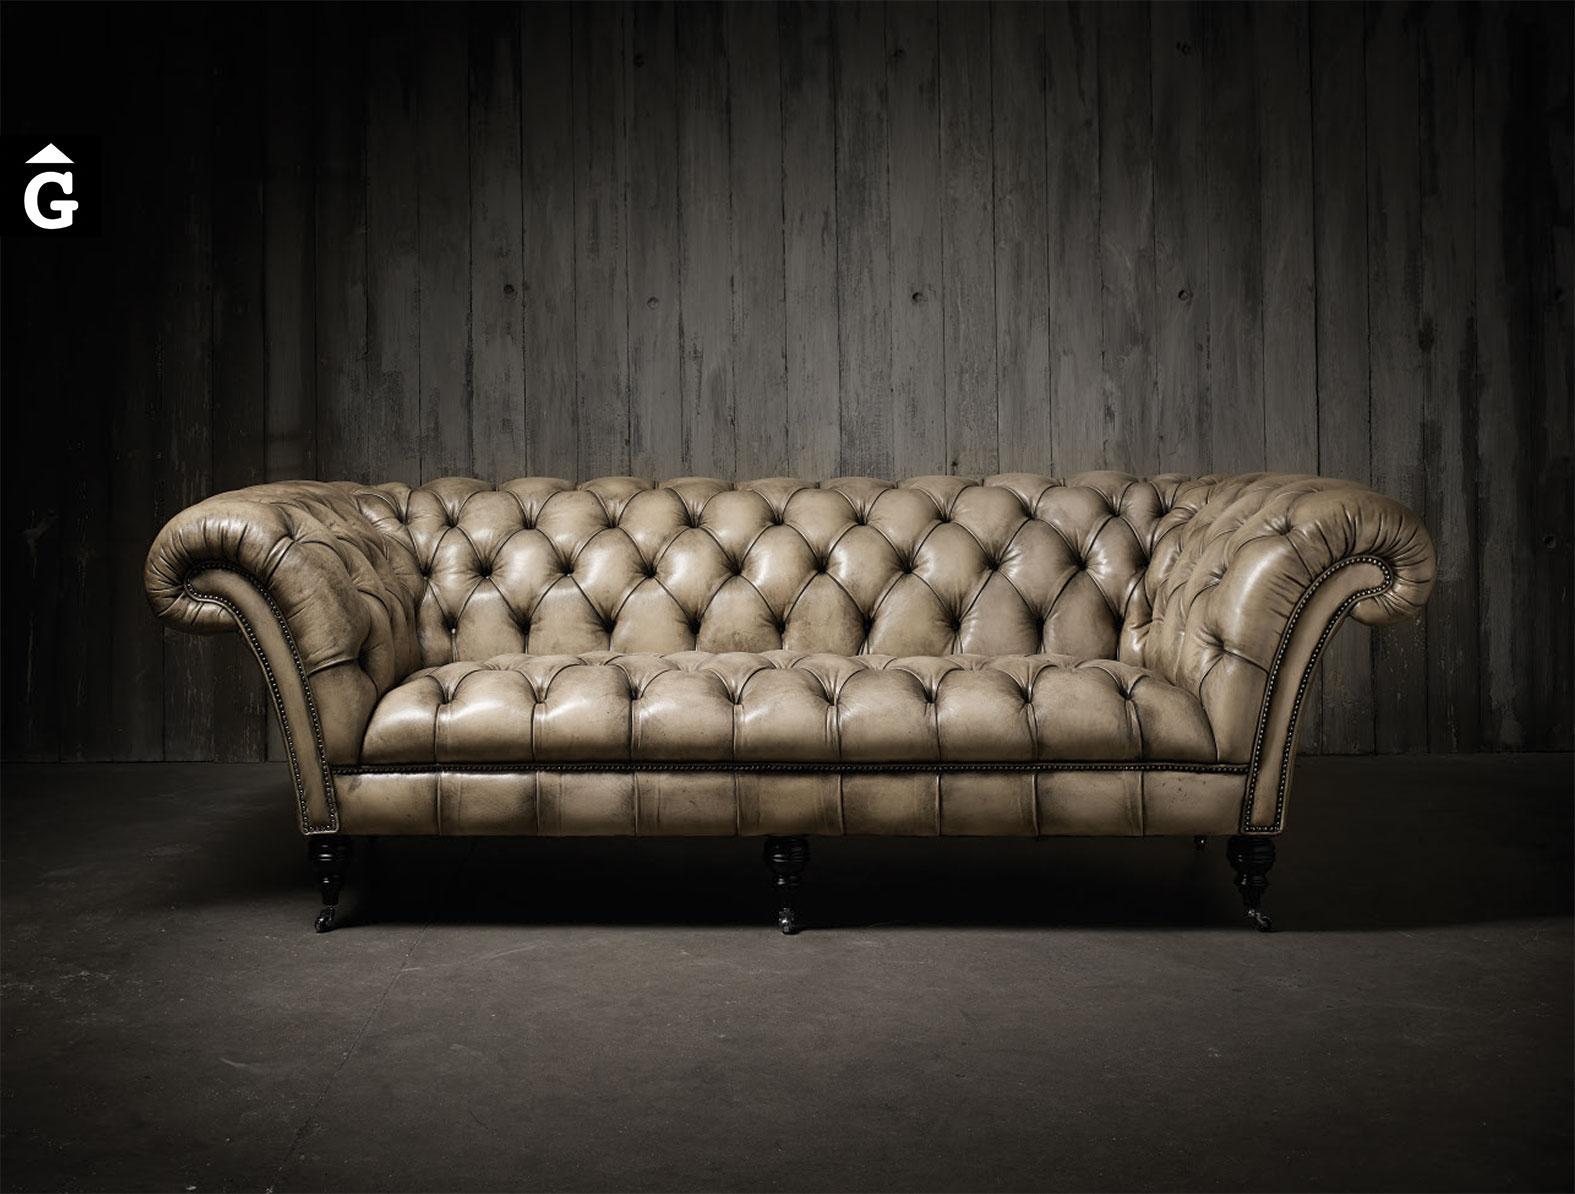 Fleming-&-Howland-tapisseria-&-mobles-Gifreu-colecció-Book-Girona-Barcelona-Capitone-Sofà-silló-Chaiselongue-Butaca-Cadira-69